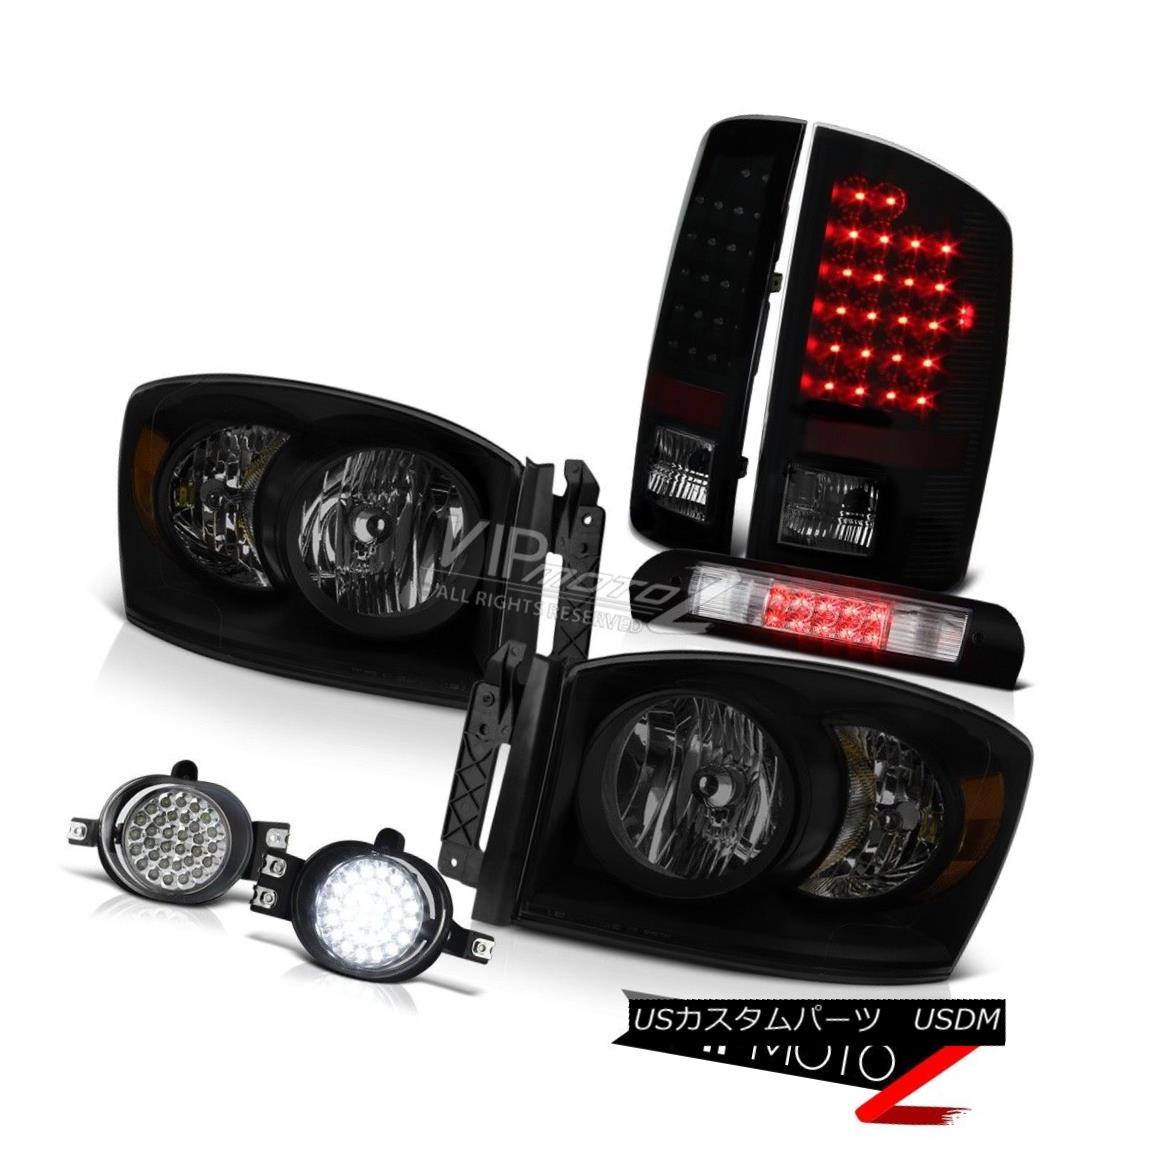 ヘッドライト 07-08 Dodge Ram 1500 3.7L Headlights Foglights Roof Brake Lamp Tail Lights Drl 07-08ダッジラム1500 3.7Lヘッドライトフォグライト屋根ブレーキランプテールライトDrl